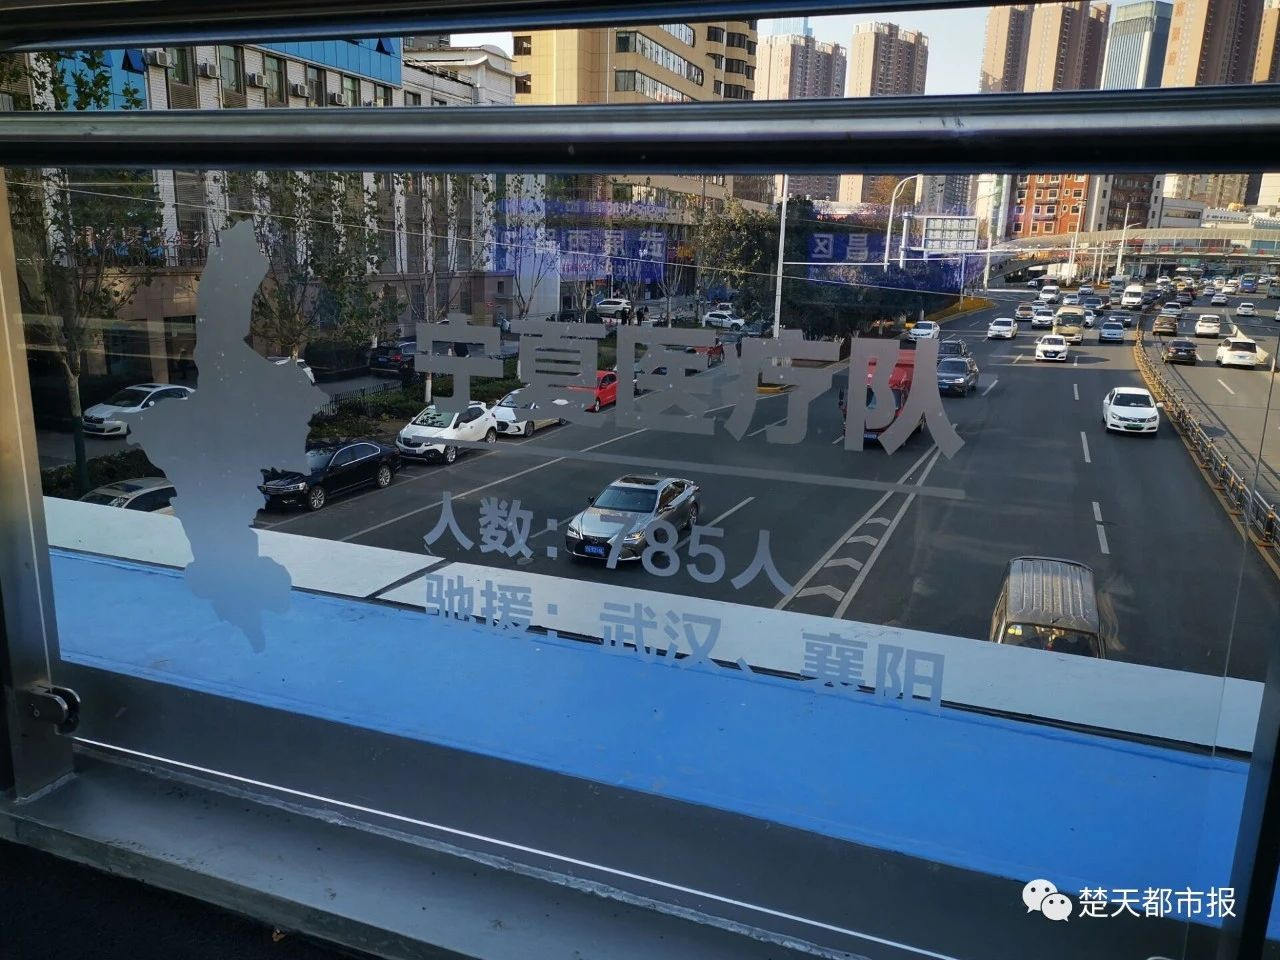 武汉这个过街天桥火了!不少市民特意前来打卡、拍照……